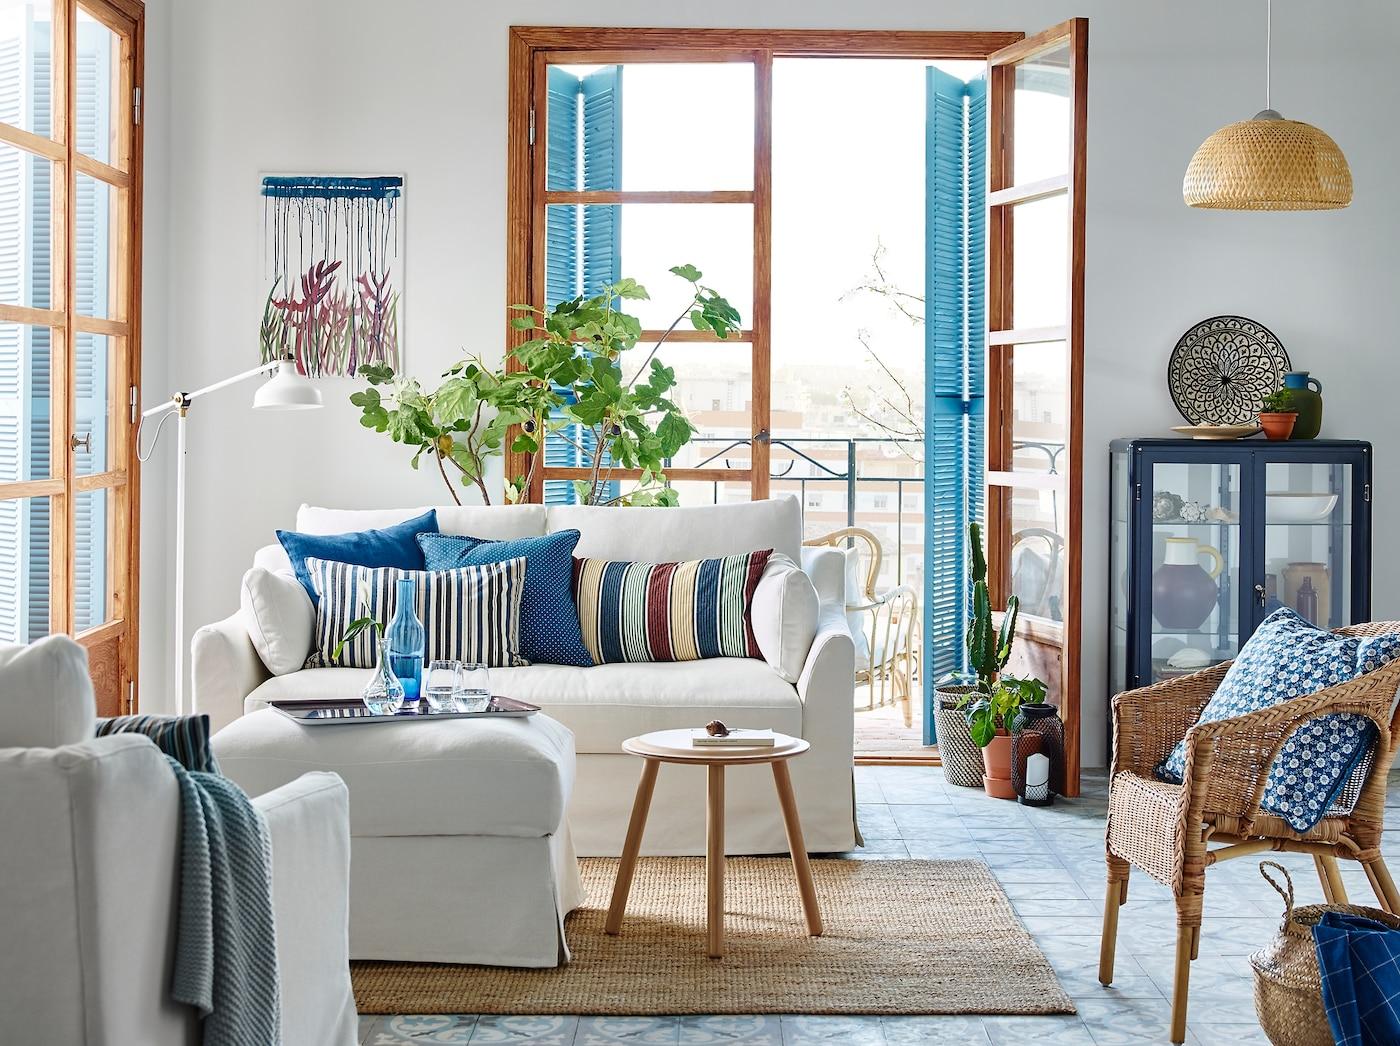 Pienen huoneen sisustus IKEA